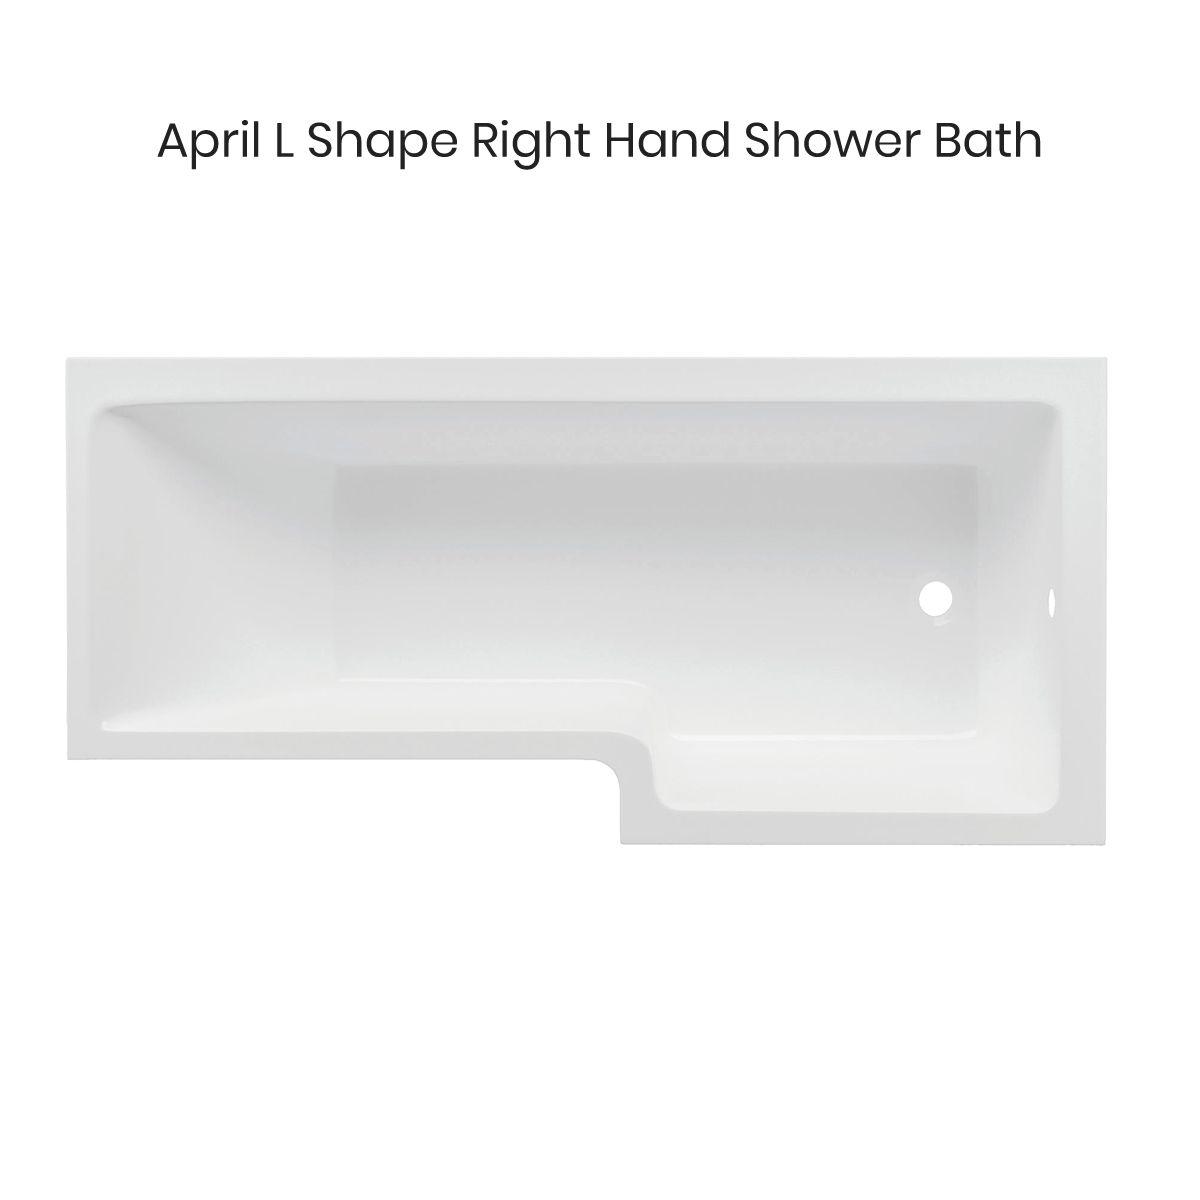 April L Shape Shower Bath Right Hand